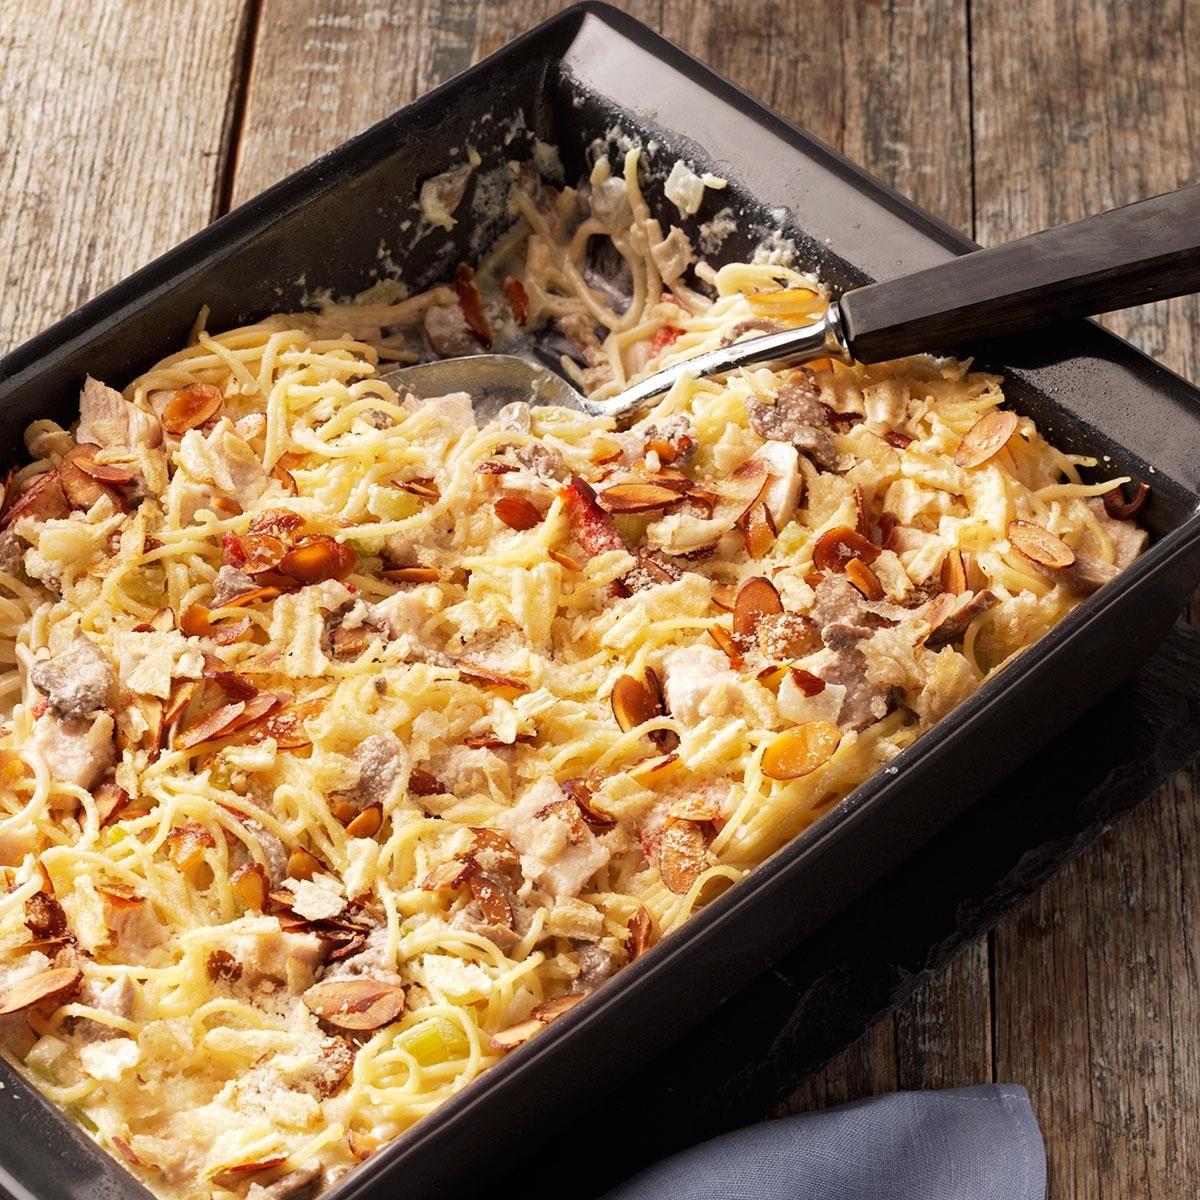 Creamy Chicken Tetrazzini Casserole Recipe | Taste of Home